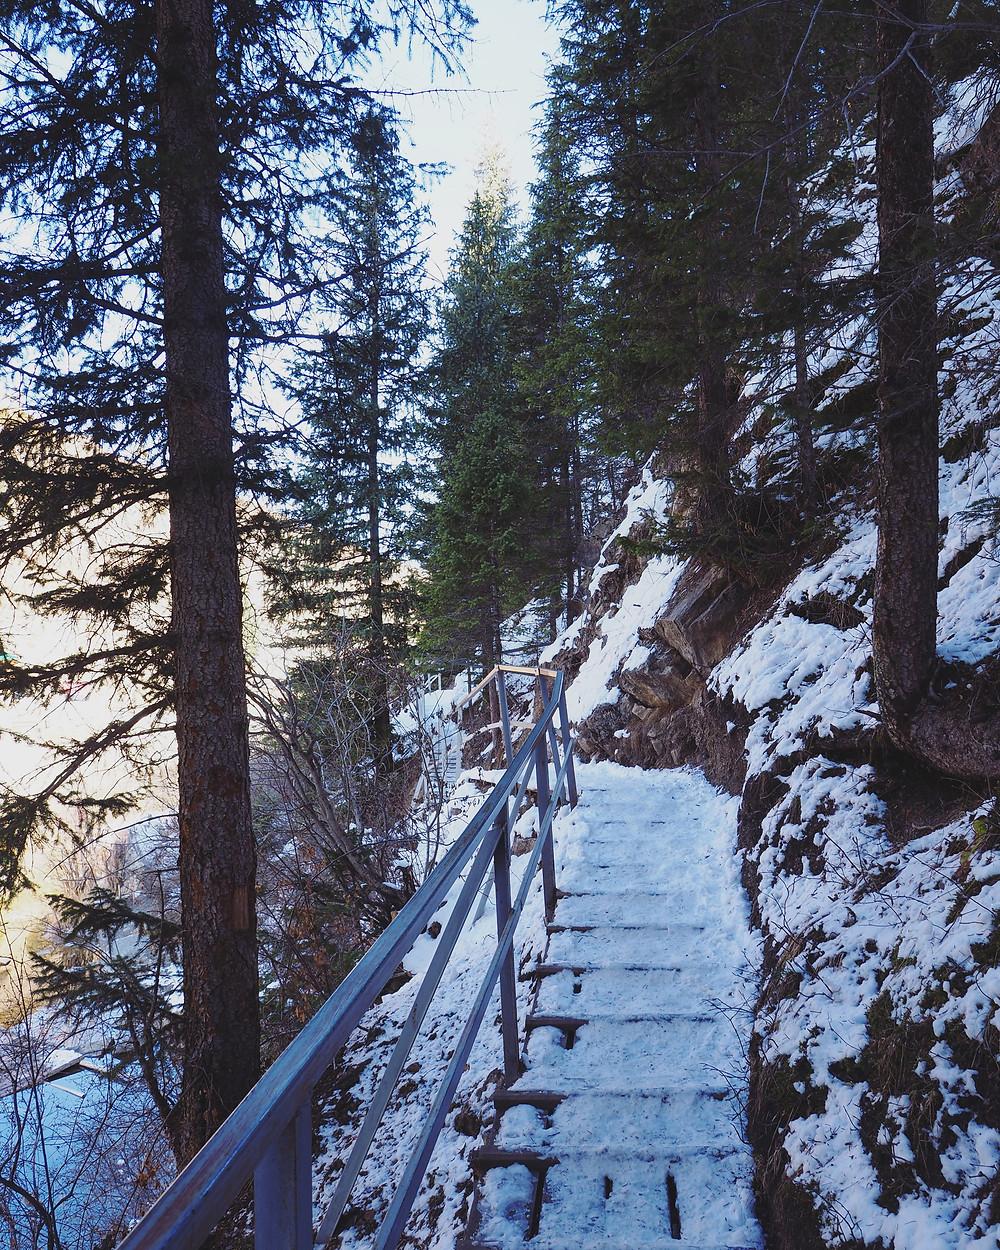 阶梯积满了雪就变成了滑梯。